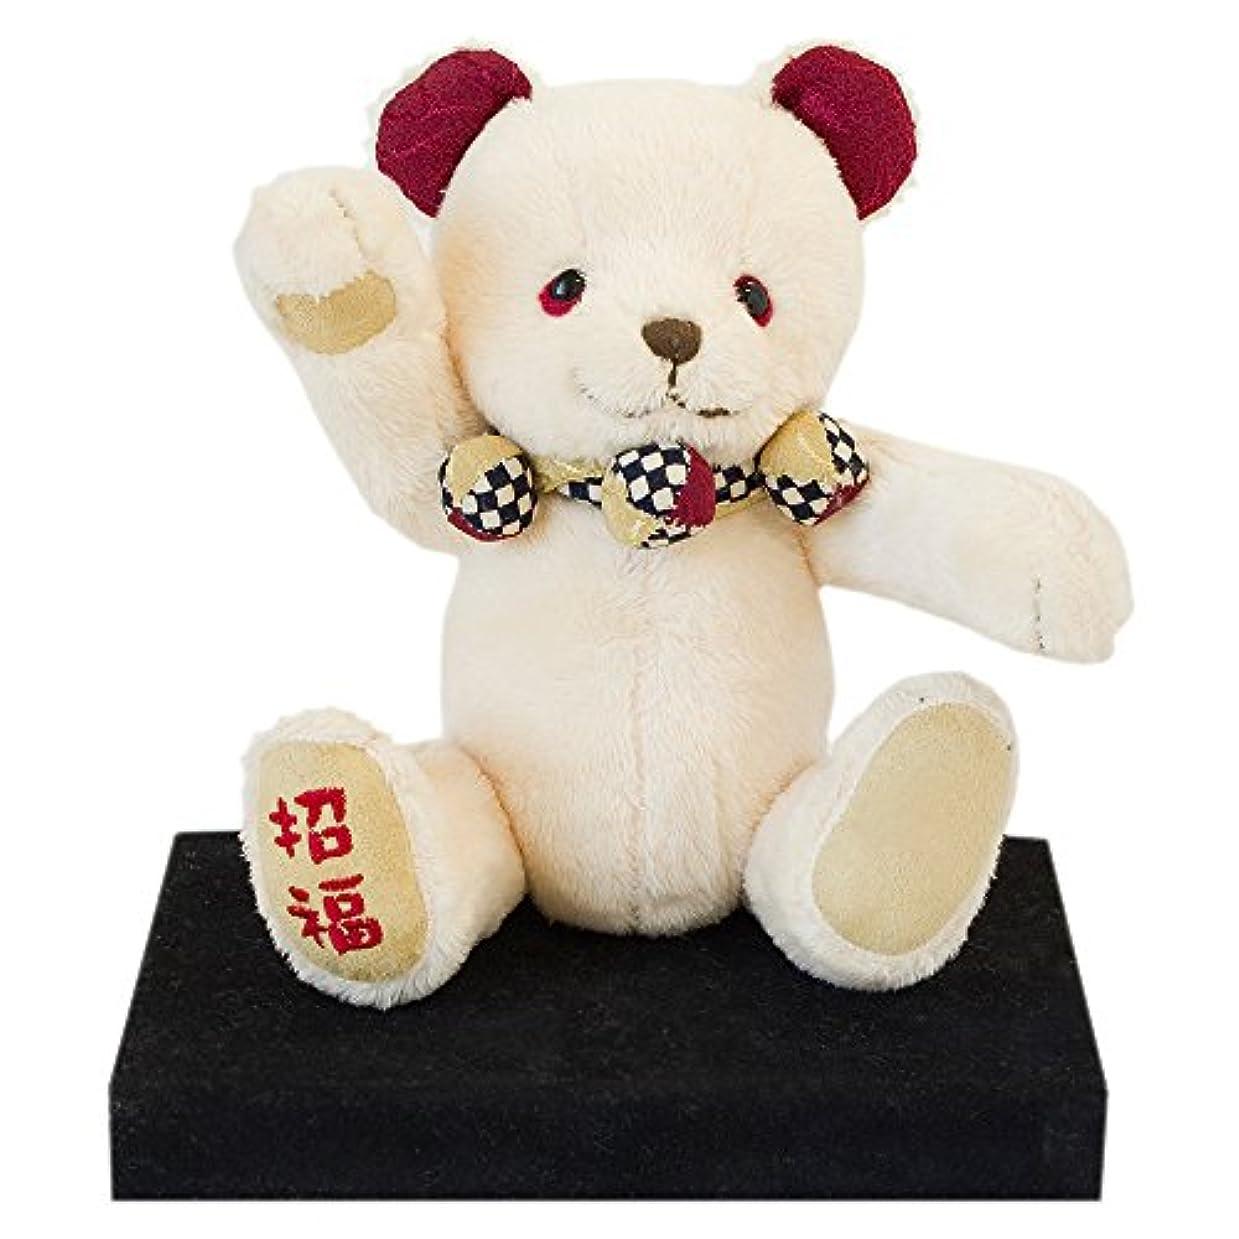 変形落胆させる完璧な敬老の日のプレゼント 【福をよぶ、招福小熊】敬老の日 おじいちゃん おばあちゃん ありがとう (べア単体)